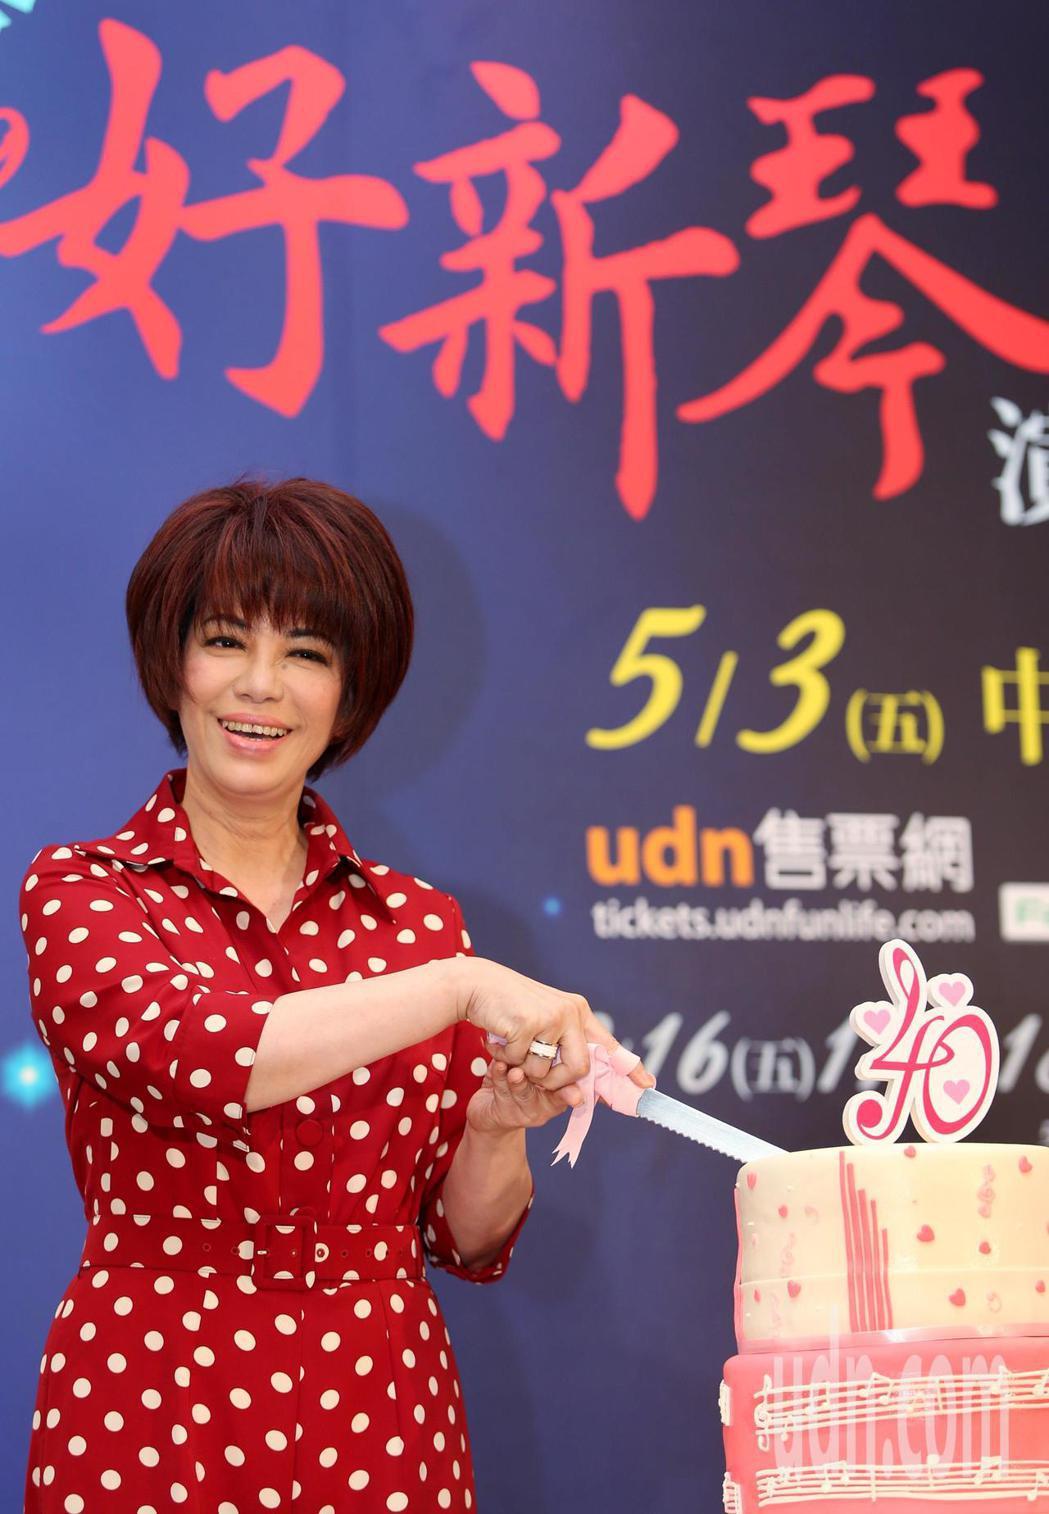 61歲的蔡琴至今已唱了40年的歌,雖然很累很苦,可是她從未喊停。記者侯永全/攝影